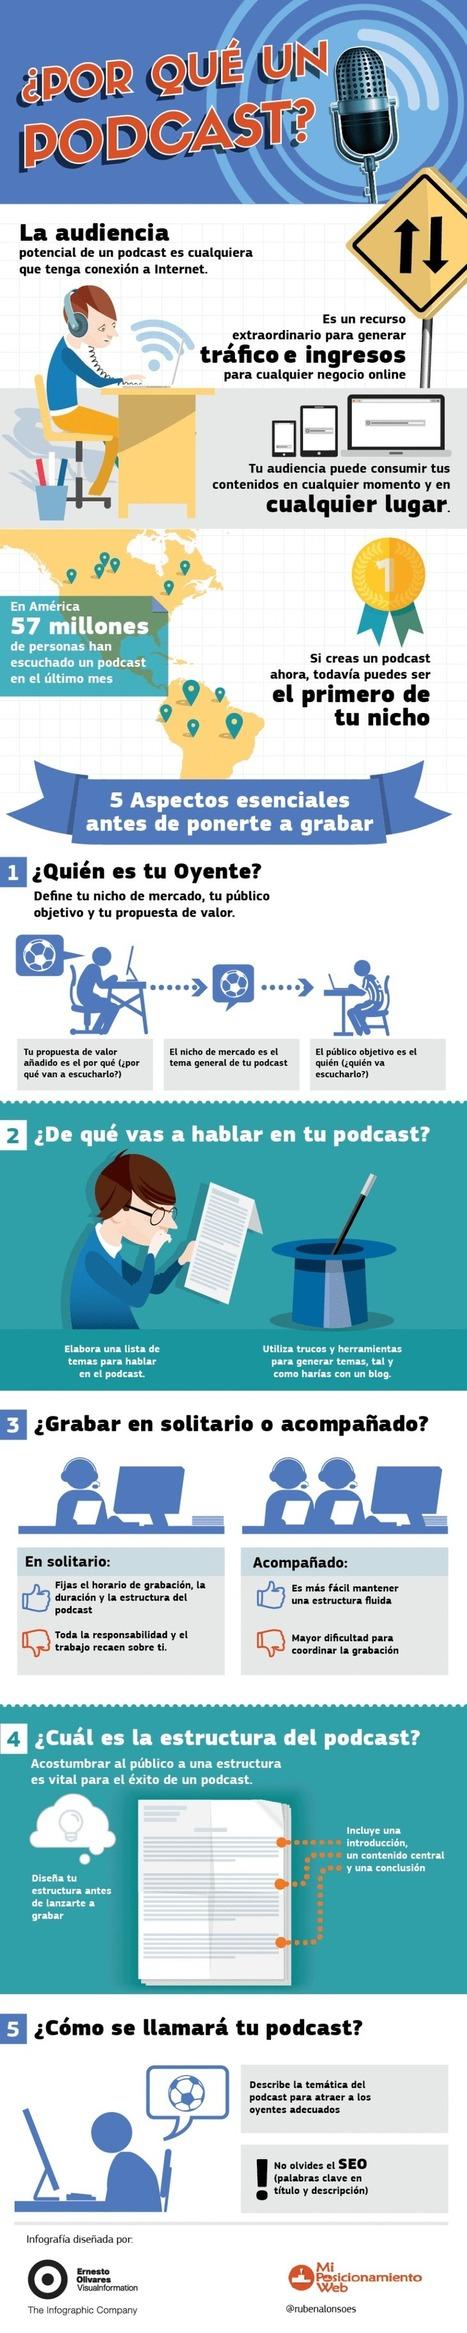 ELBLOGDEFORMACION: ¿Por qué un Podcast? #infografia #infographic #socialmedia | Educacion, ecologia y TIC | Scoop.it